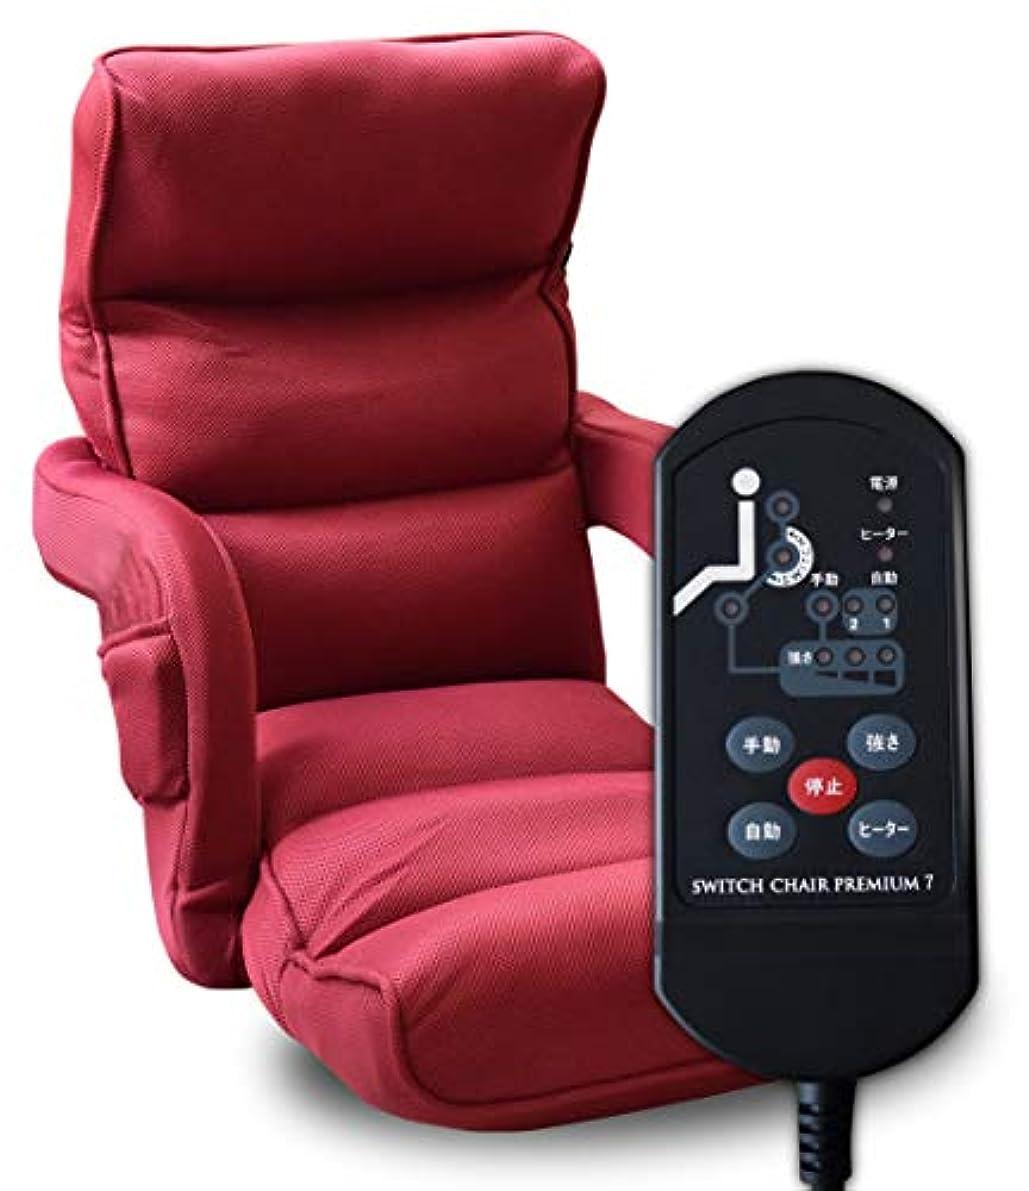 鎮痛剤コードレス永遠のSWITCH CHAIR PREMIUM 7 マッサージ器 マッサージ機 肘掛け付き座椅子 マッサージ ヒーター 首 肩 腰 肩こり 背中 マッサージチェア ビクトリアンローズ